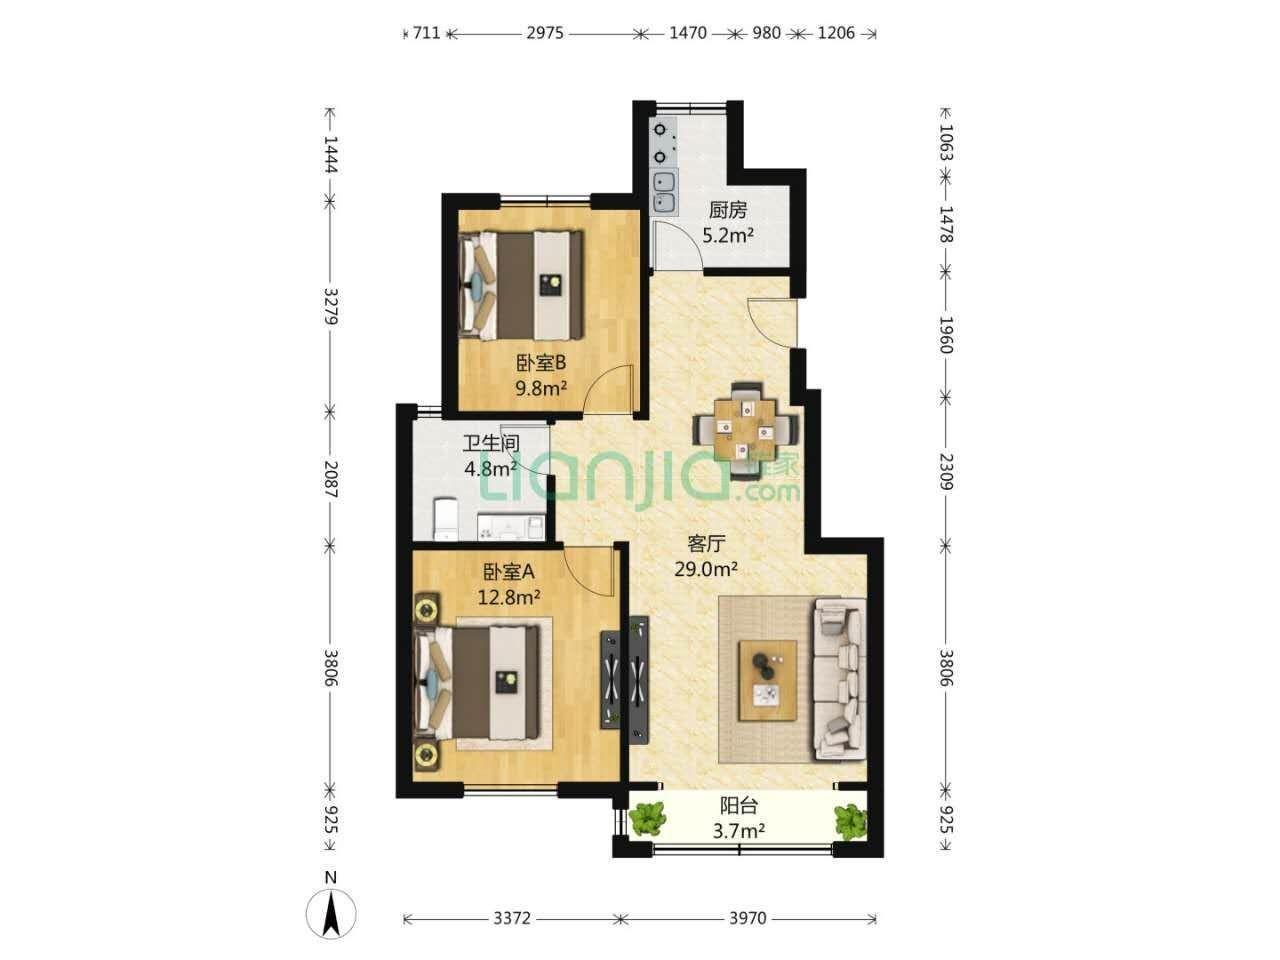 首创城2室2厅1卫95.05平米2014年产权房中装